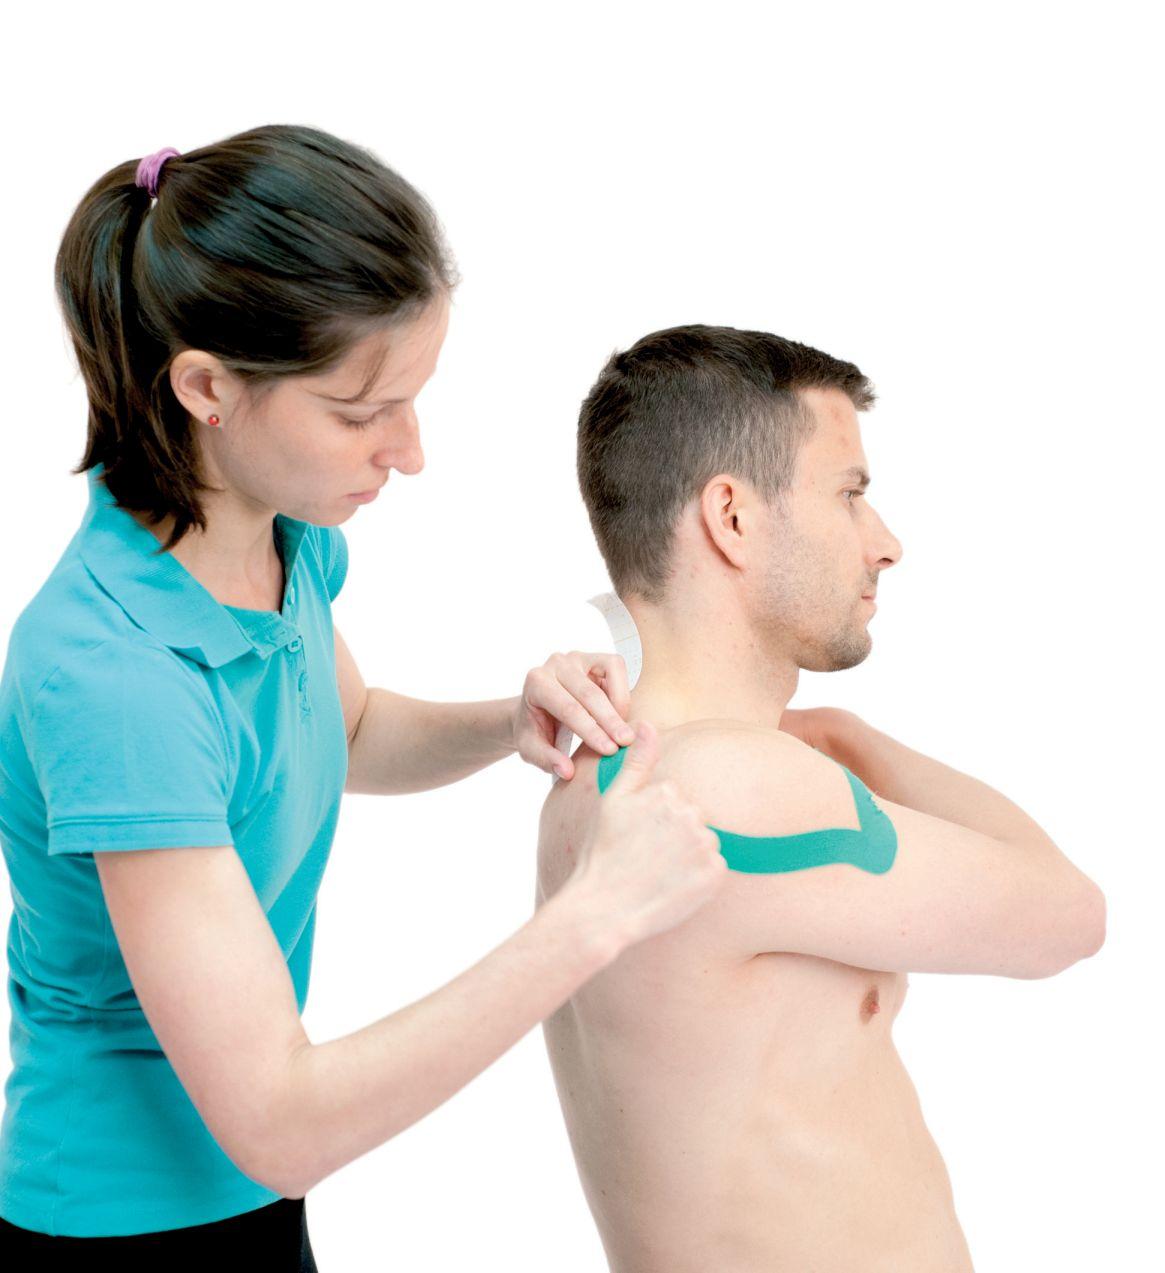 Tejpování ramene – deltového svalu 2